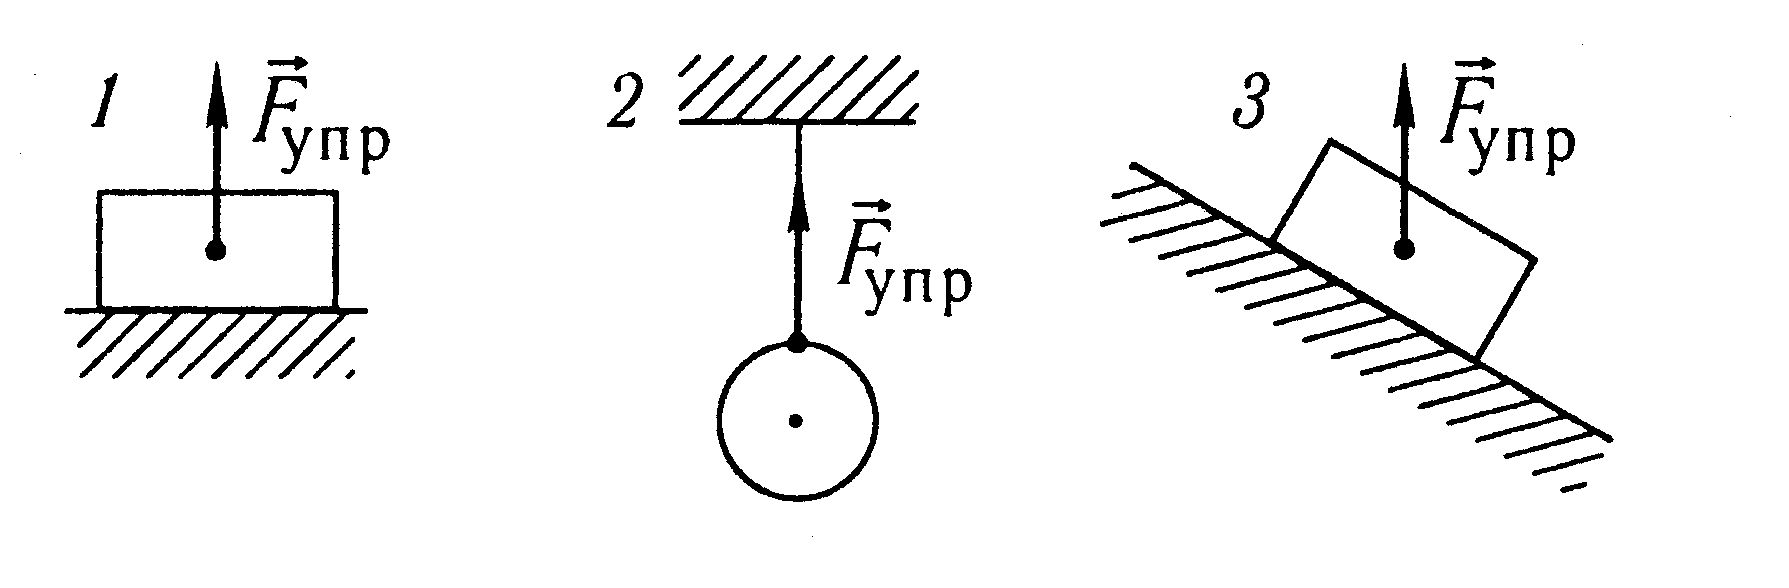 картинка с ошибками по физике